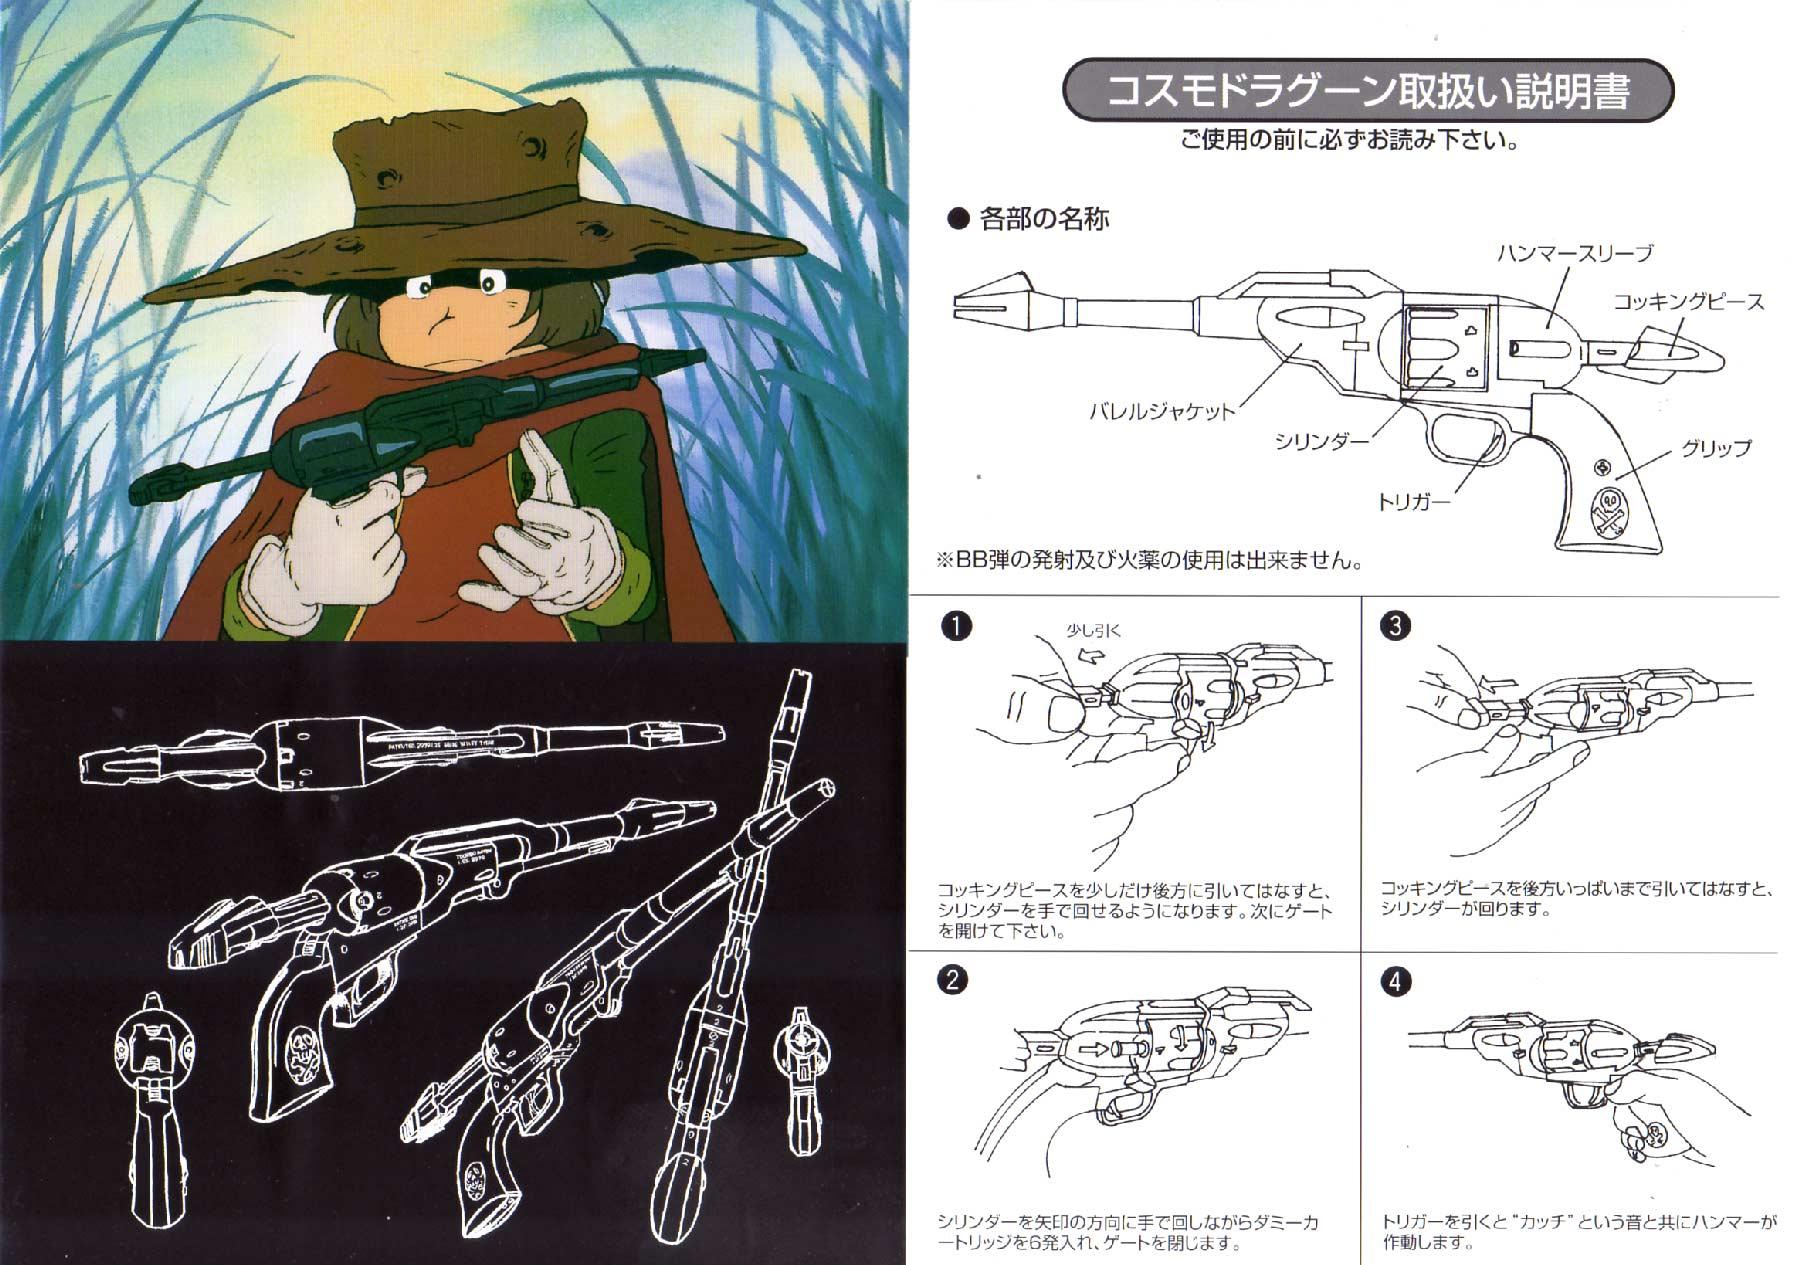 L'intérieur de la notice met en parallèle le Modèle Sheet original et le jouet montrant que ce dernier ne respecte pas l'original